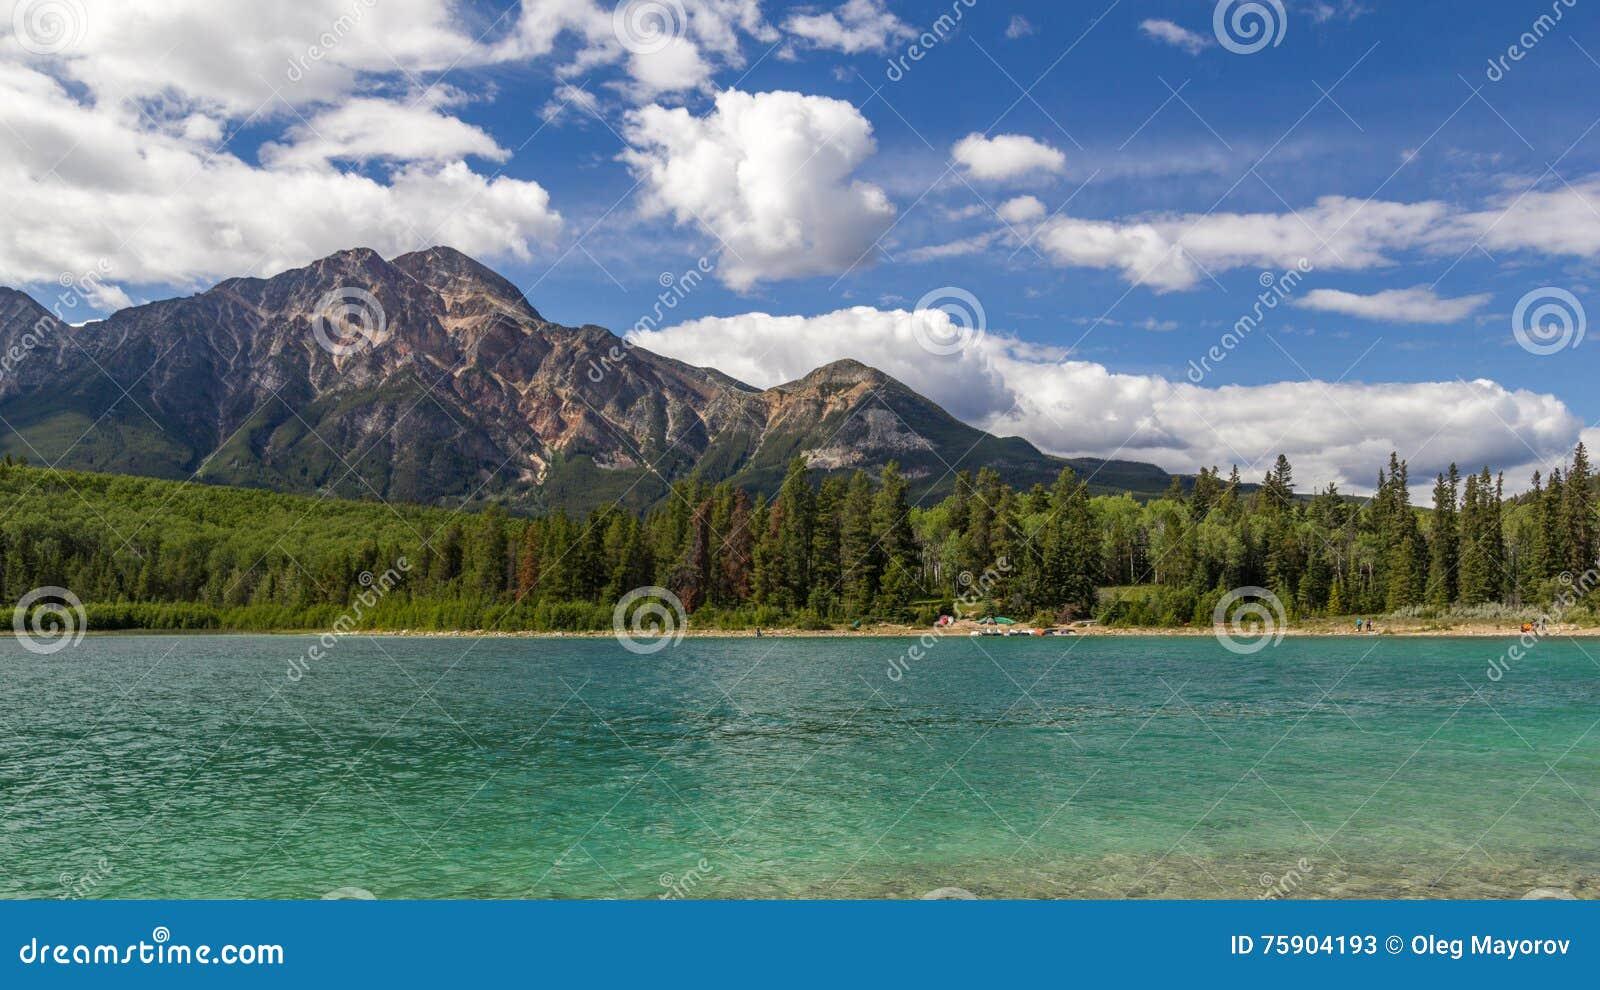 Национальный парк Альберта яшмы озера Патриция горы пирамиды, Канада